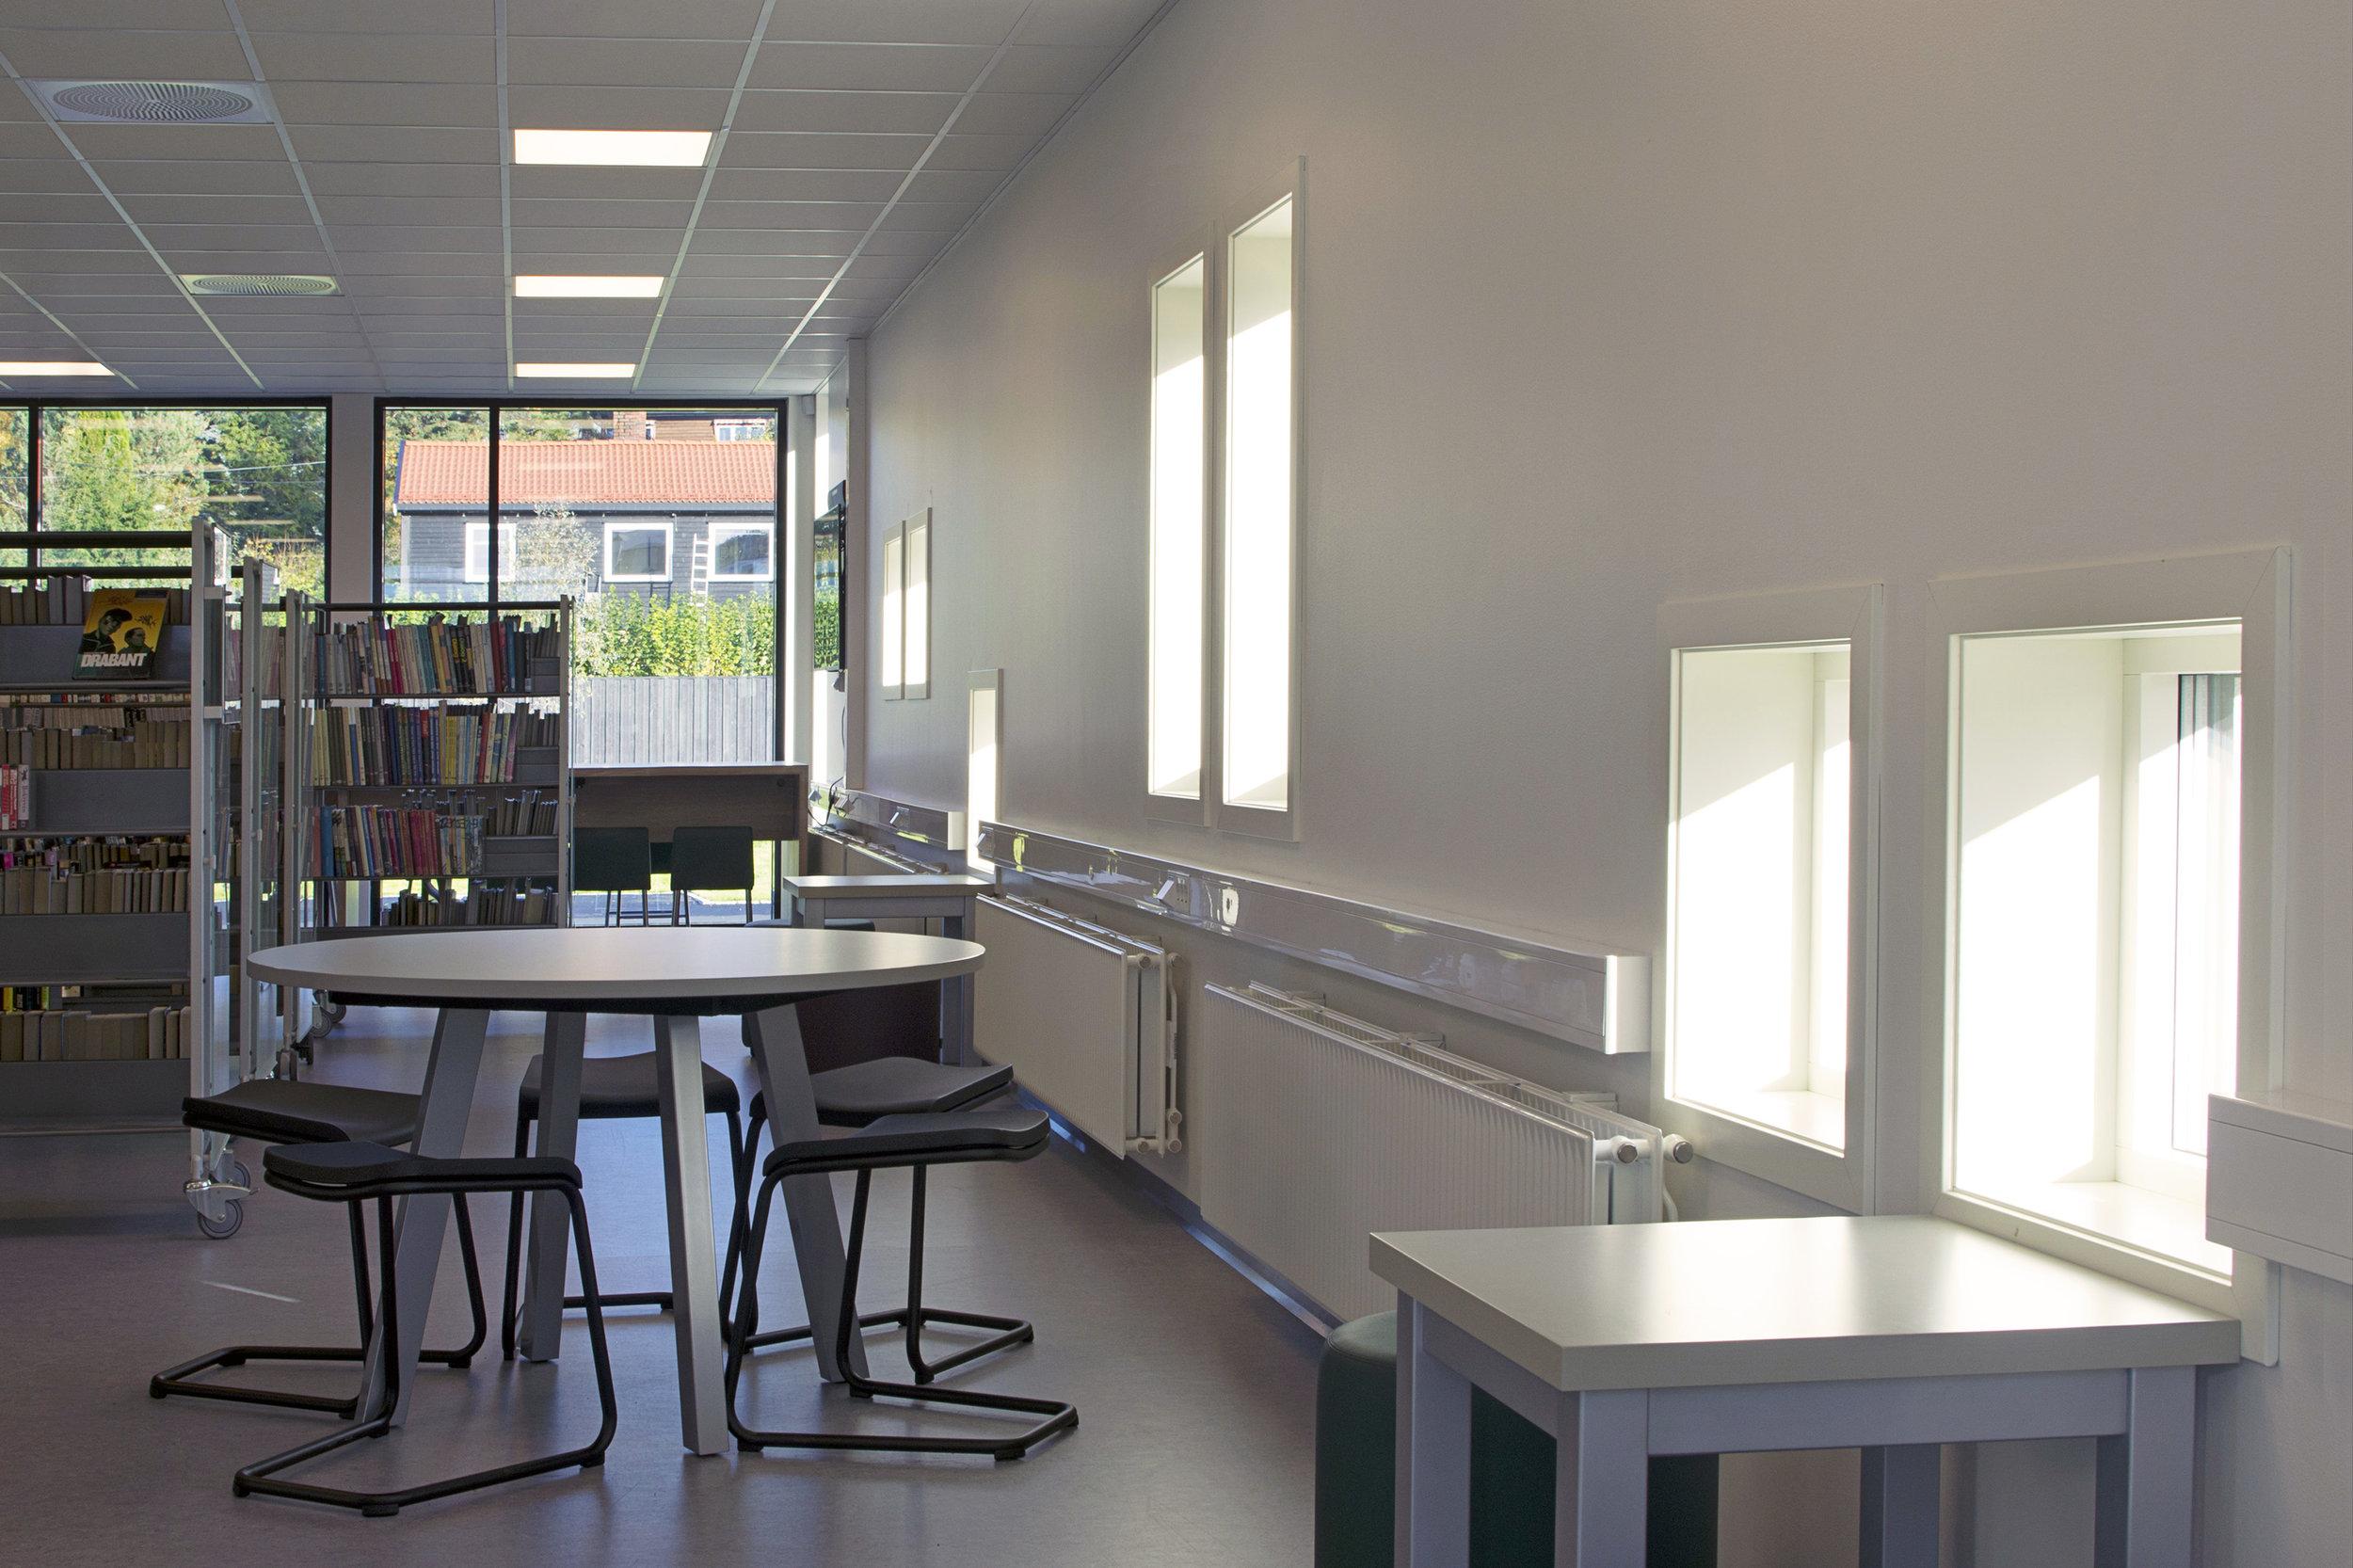 Ramstad skole_Bibliotek 01.jpg